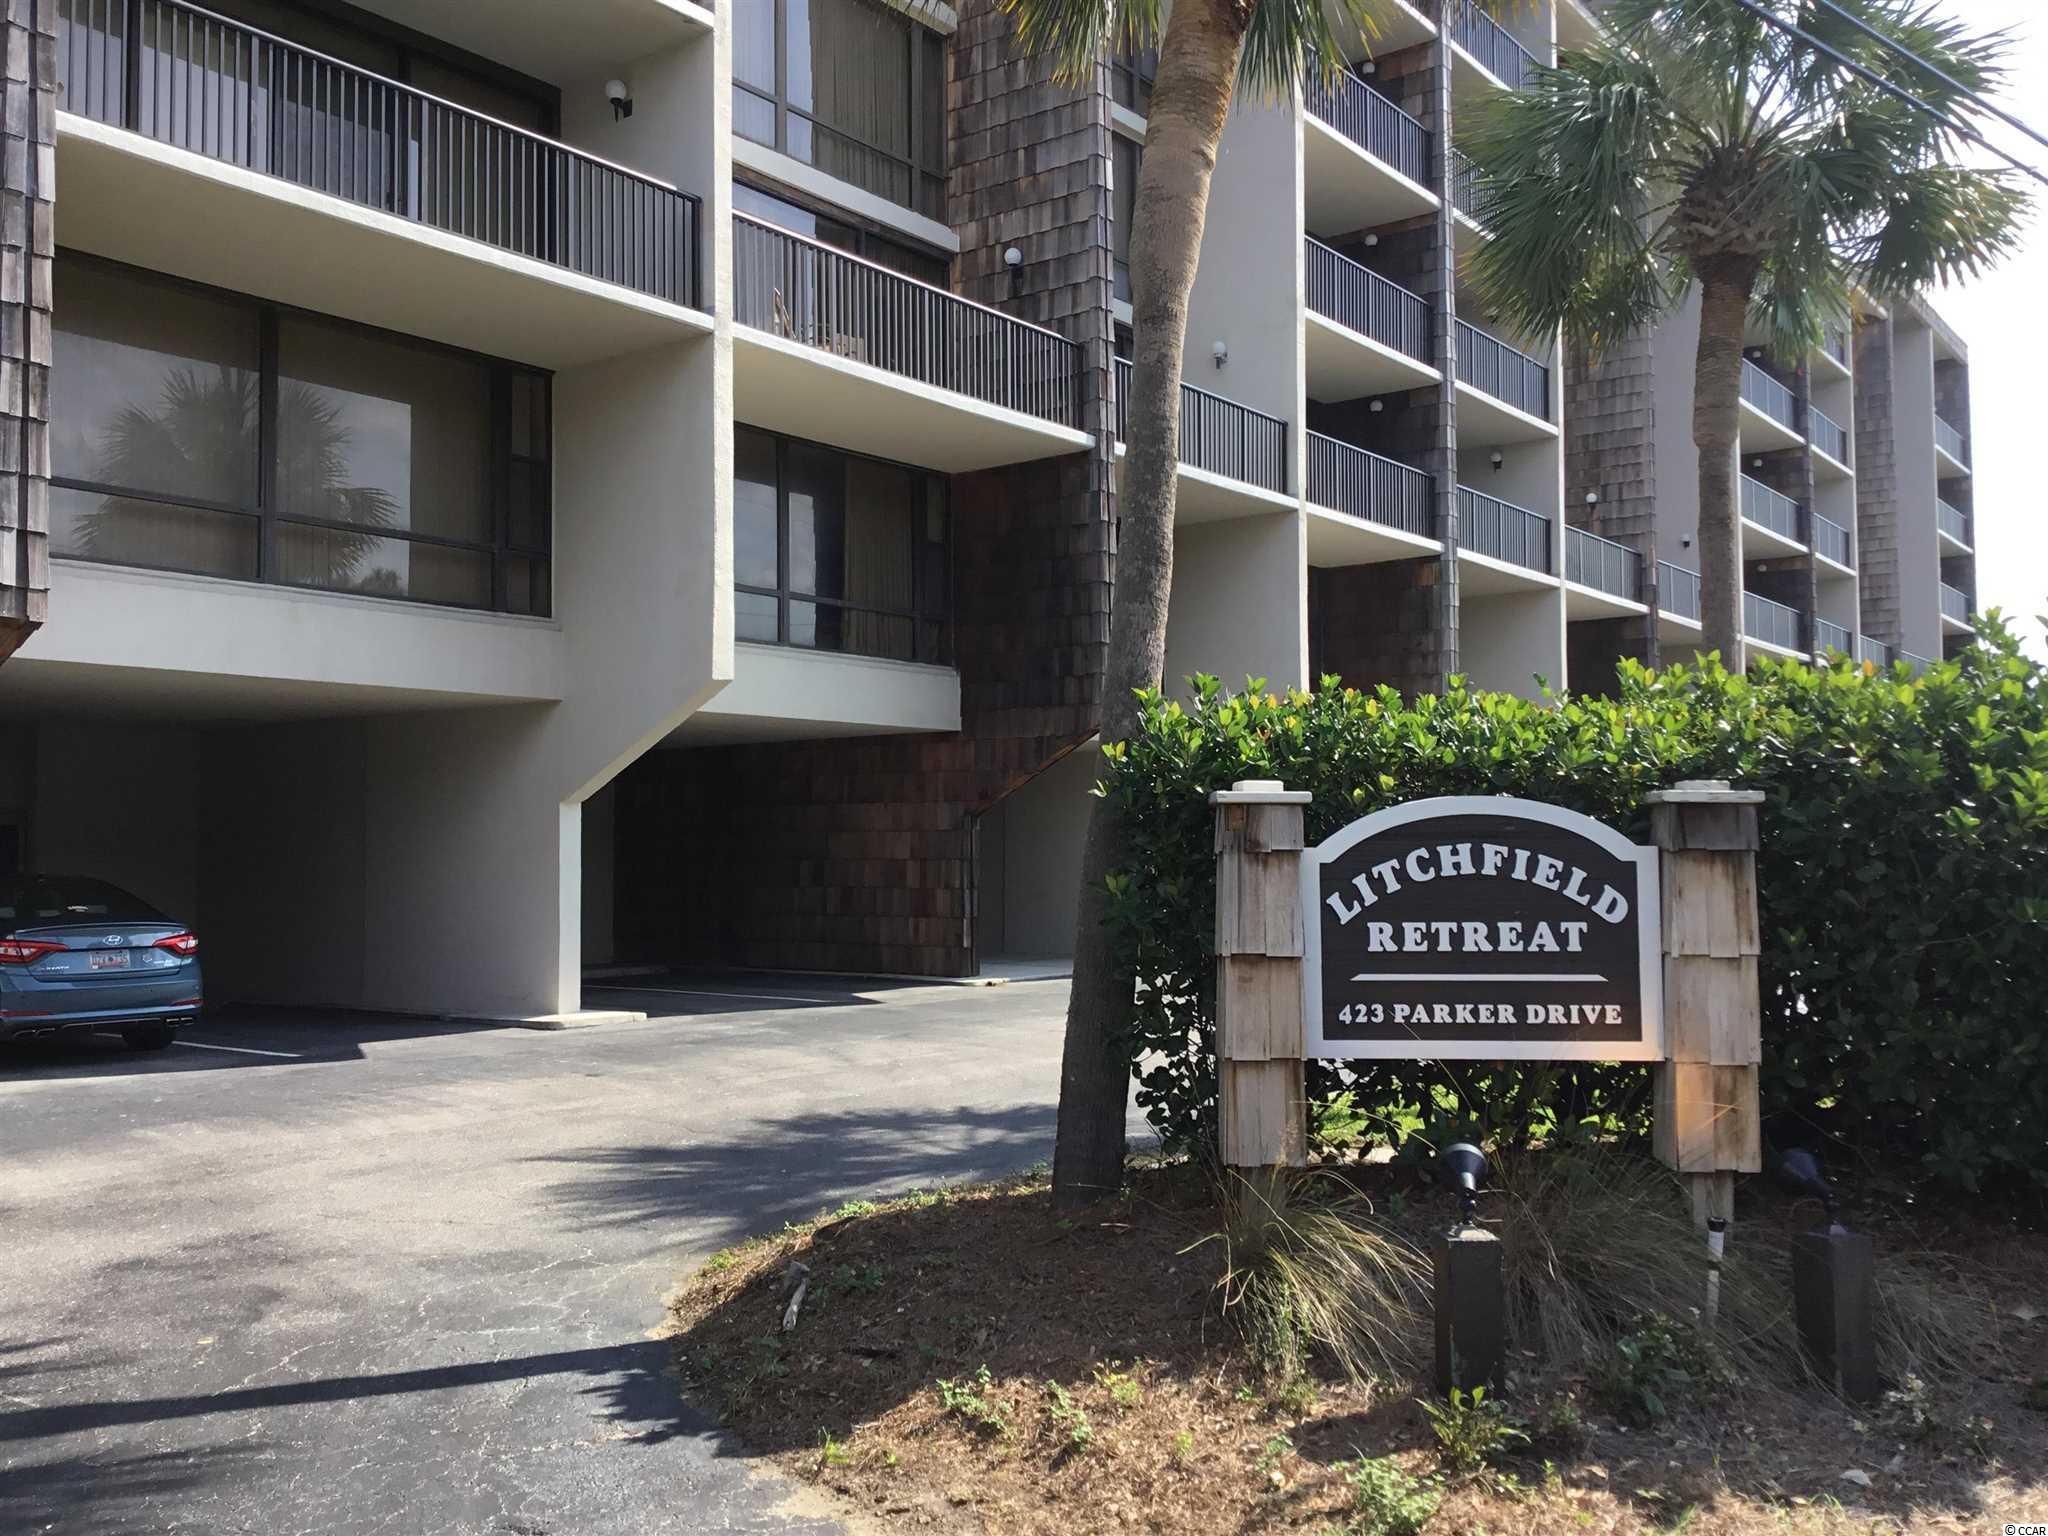 407 Litchfield Retreat #407 Property Photo